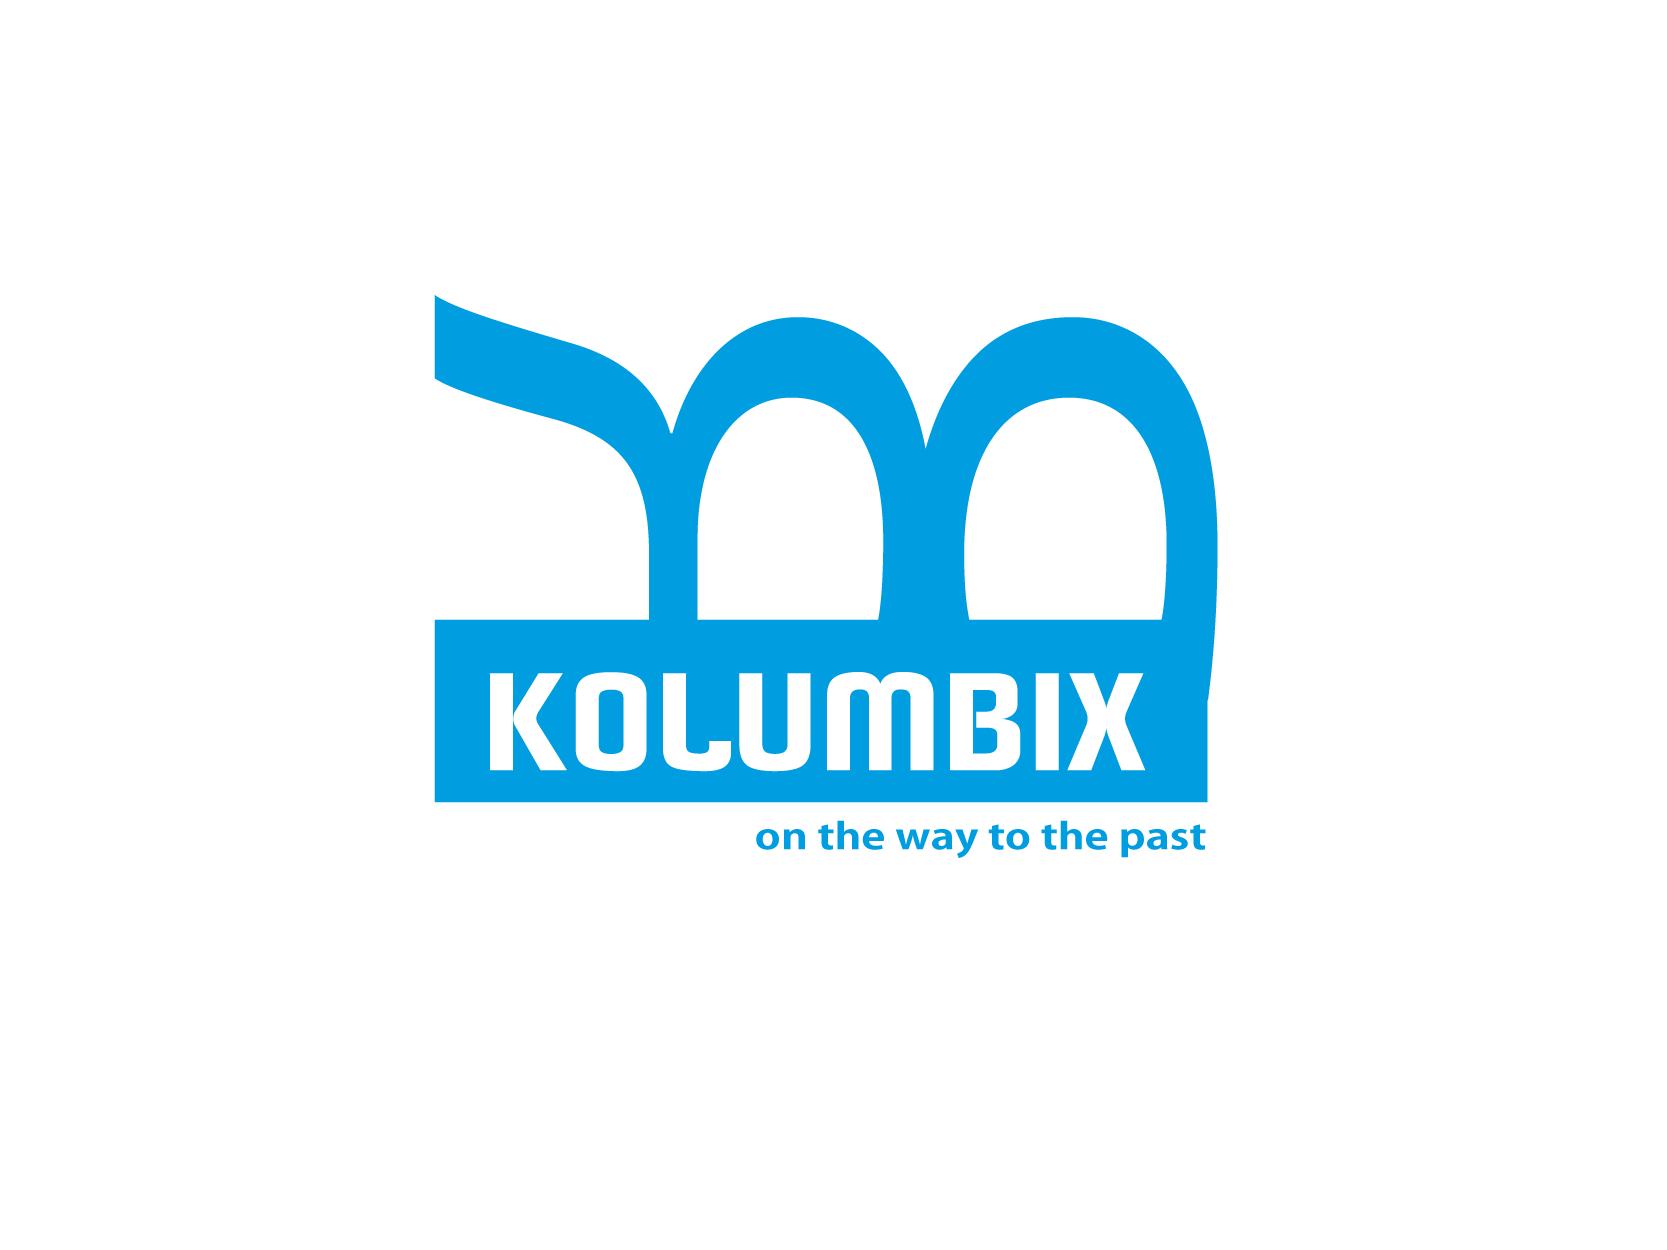 Создание логотипа для туристической фирмы Kolumbix фото f_4fb3ab792ccb4.png